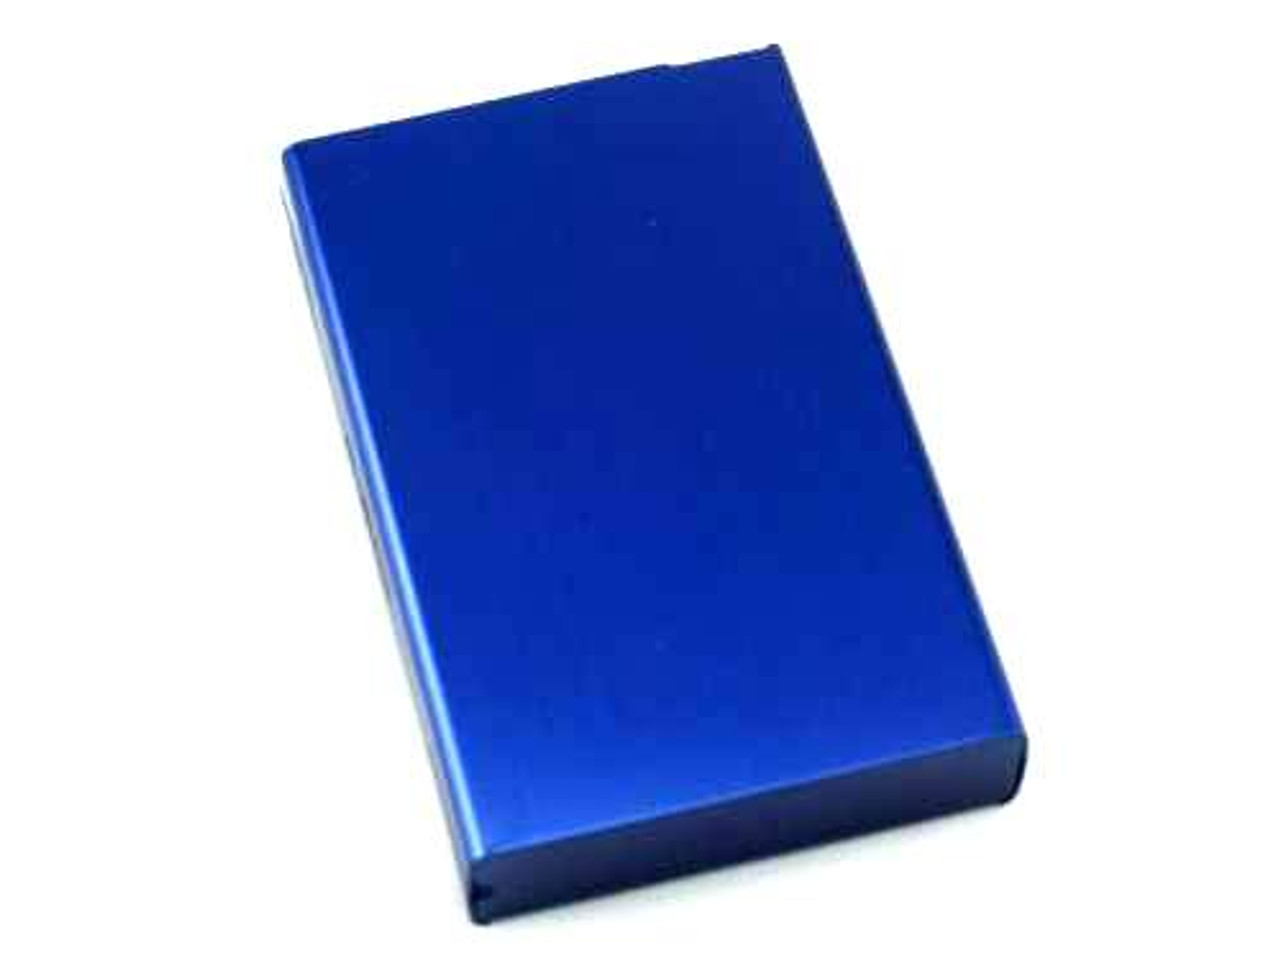 Blue Flash Cigarette Case